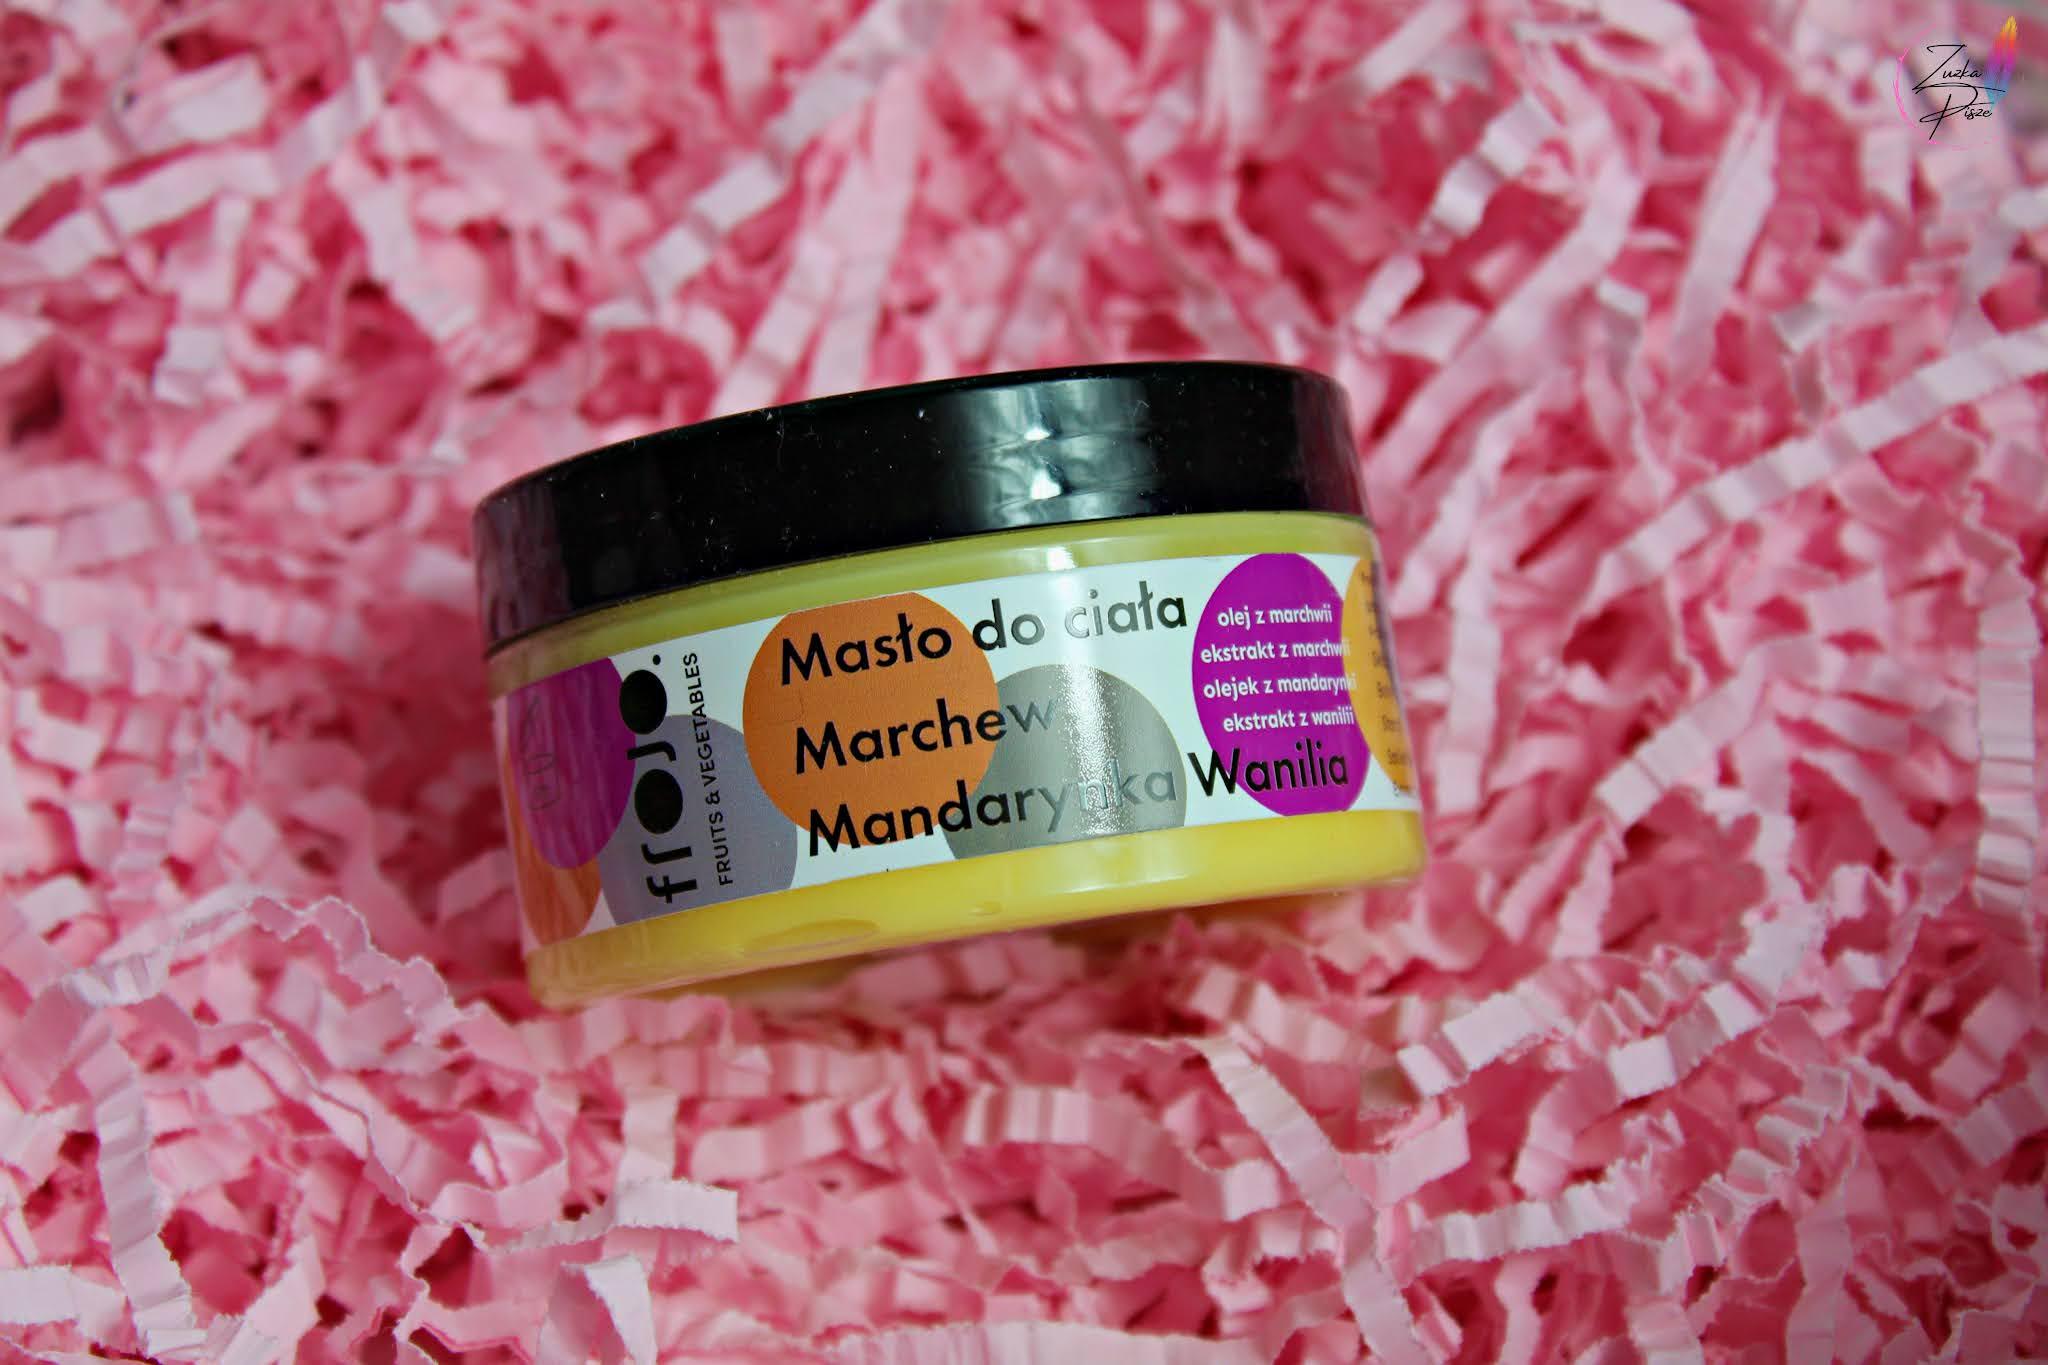 FROJO Masło do ciała Marchewka, mandarynka i wanilia